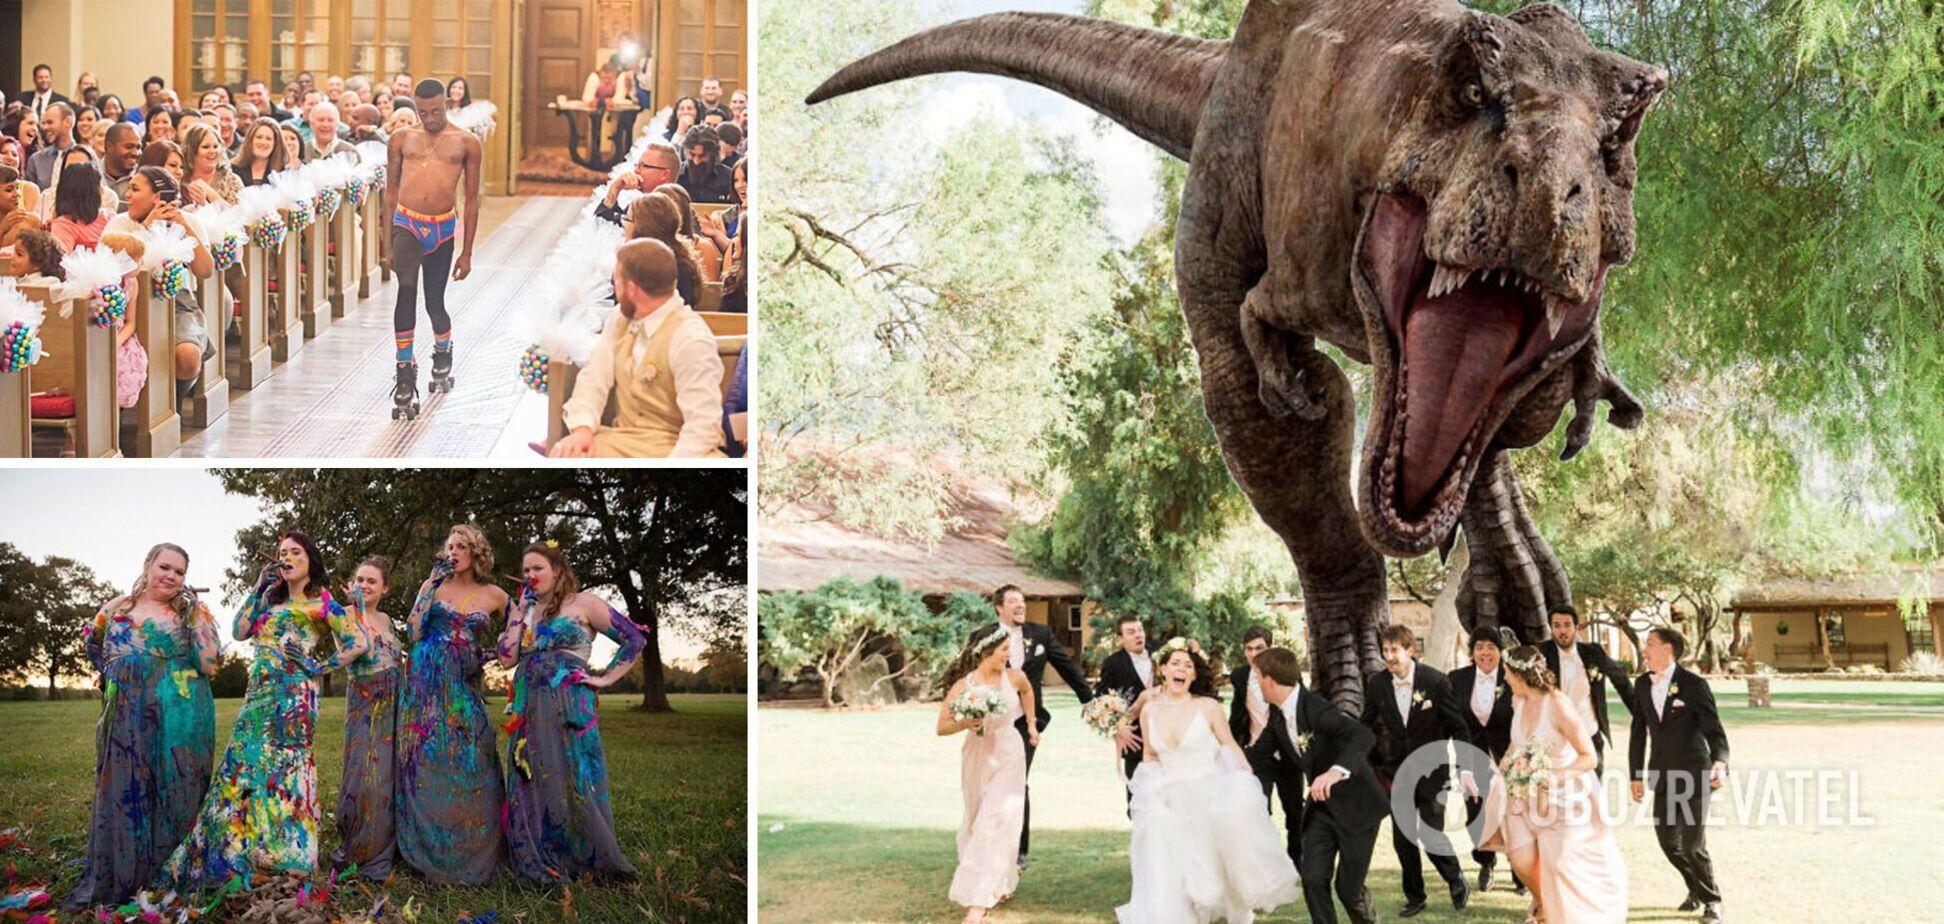 Фото со свадьбы стали популярными в сети